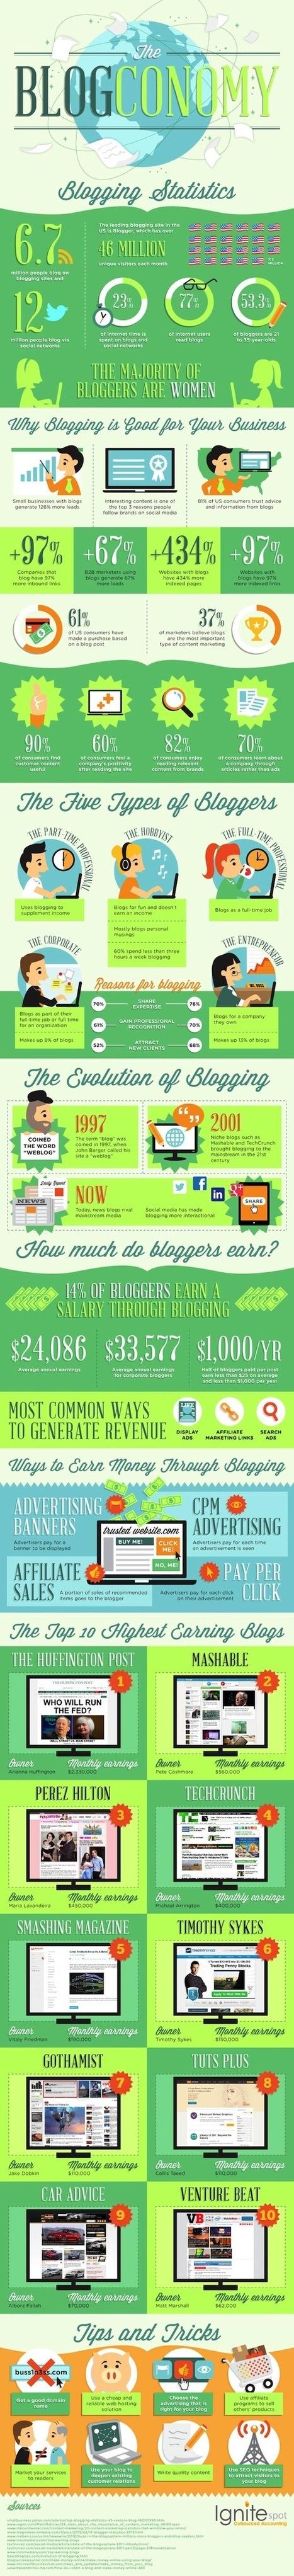 Pourquoi le blog est le meilleur outil marketing que vous trouverez ? | Quand la communication passe au web | Scoop.it